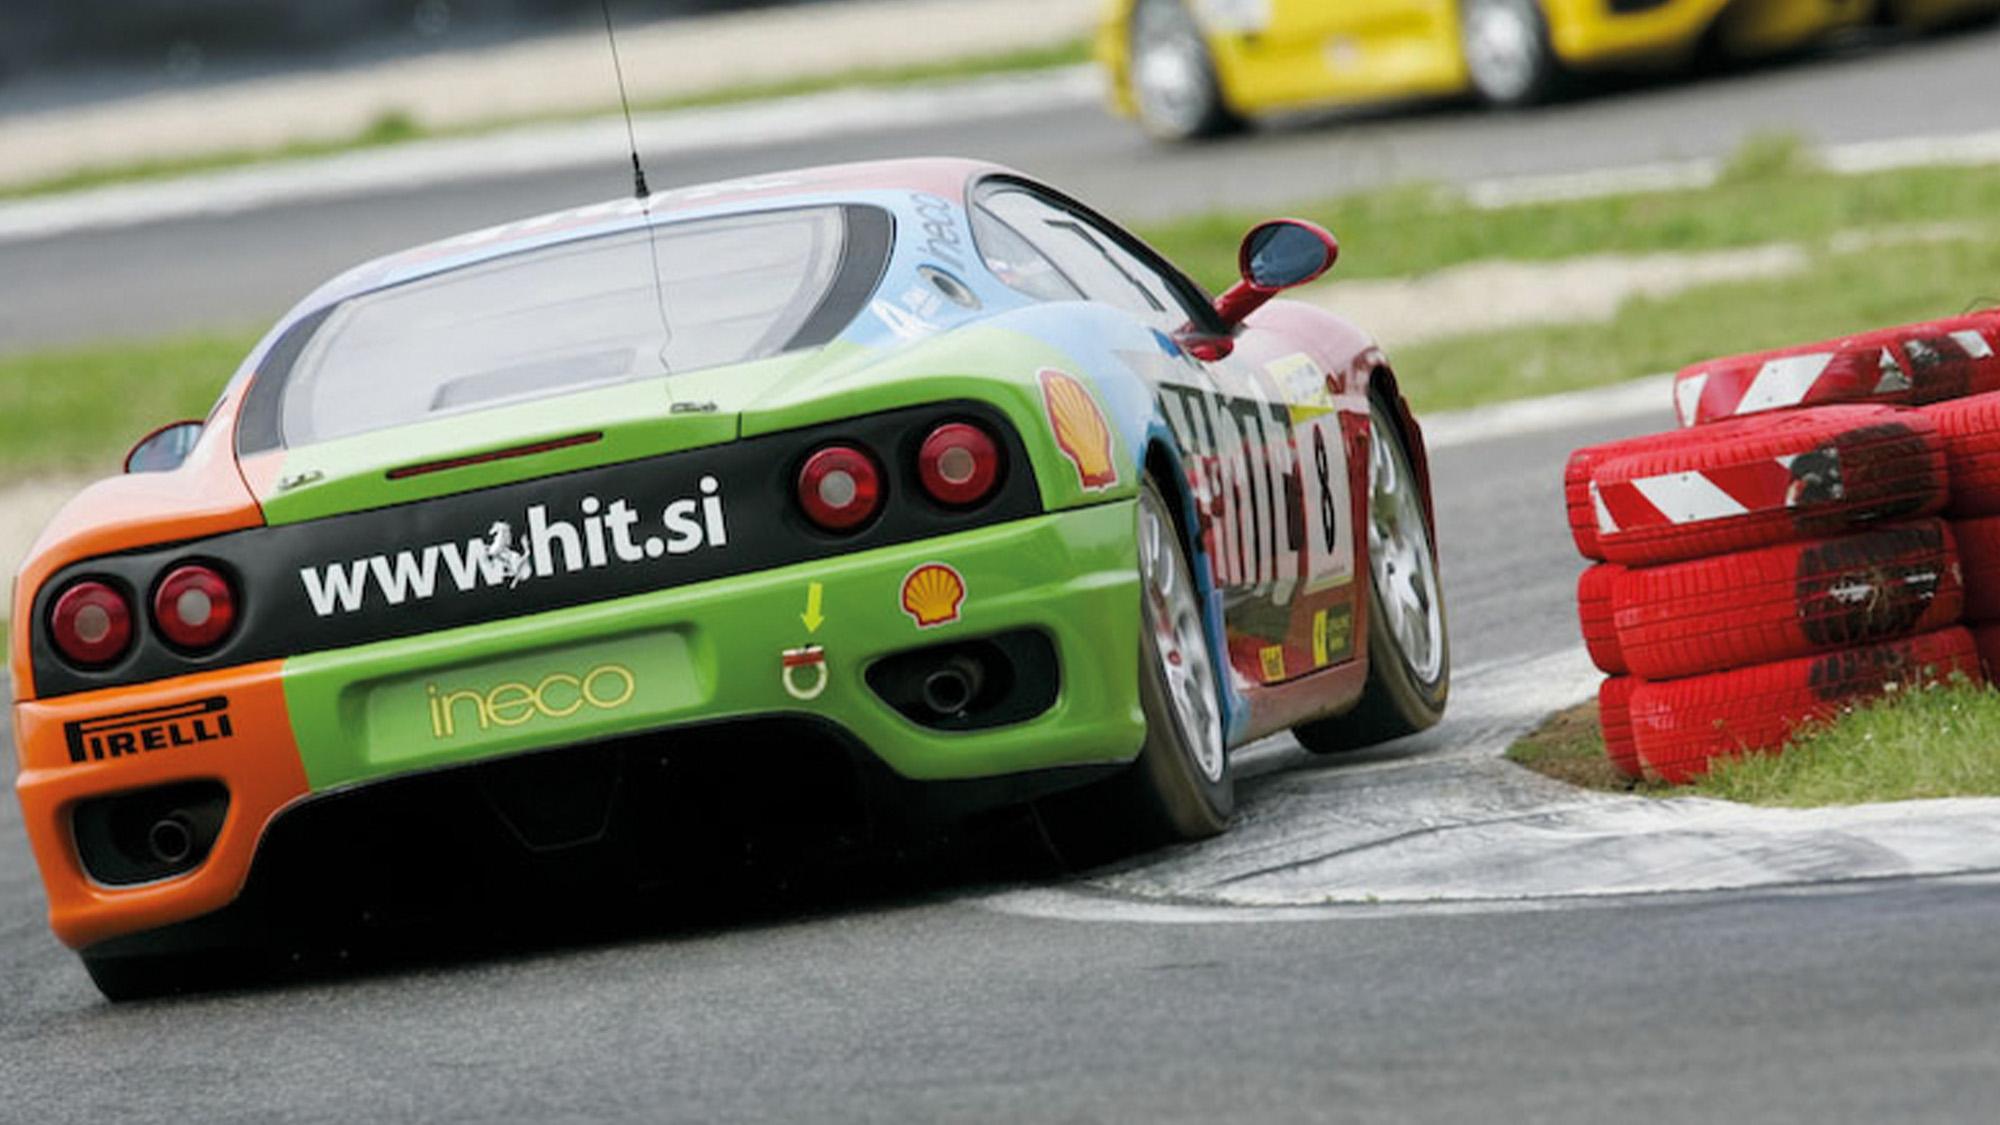 Ferrari 360 in Inter Coppa Shell championship